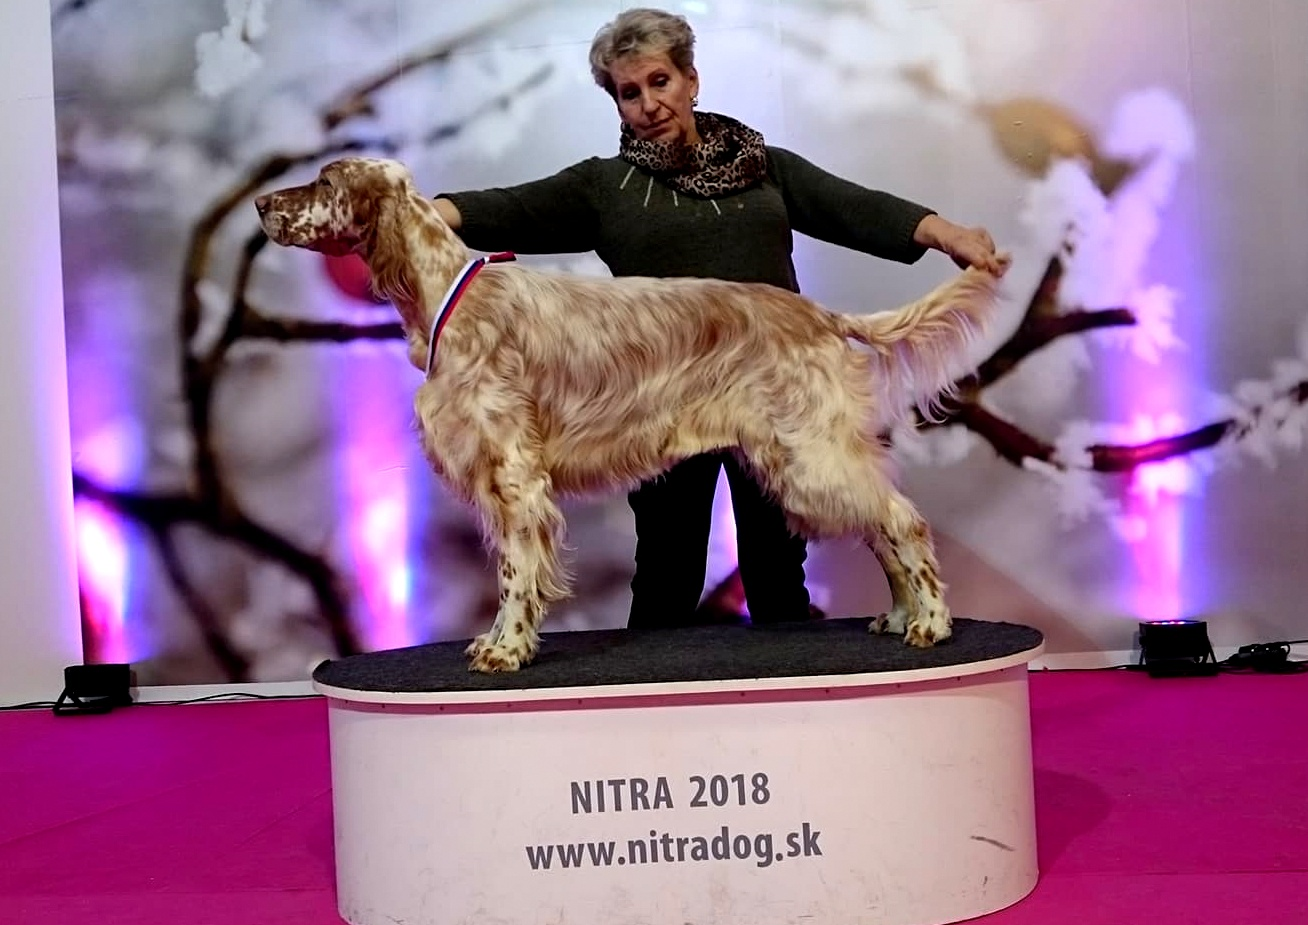 Nitra 2018